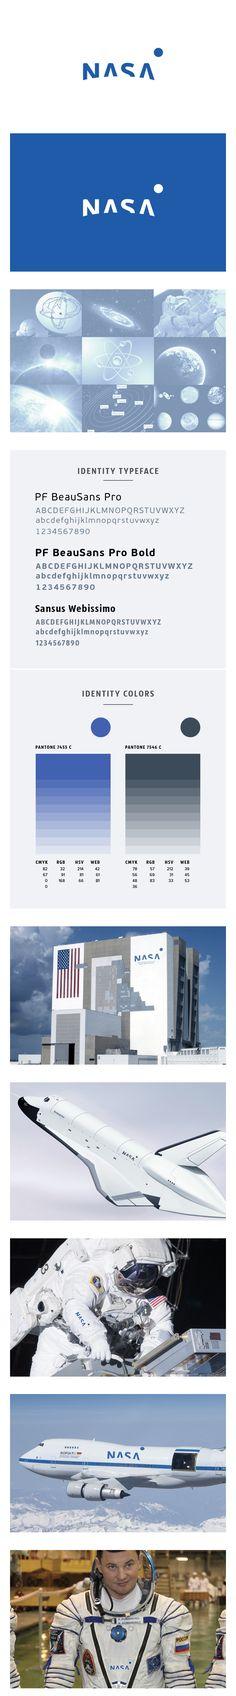 NASA on Behance